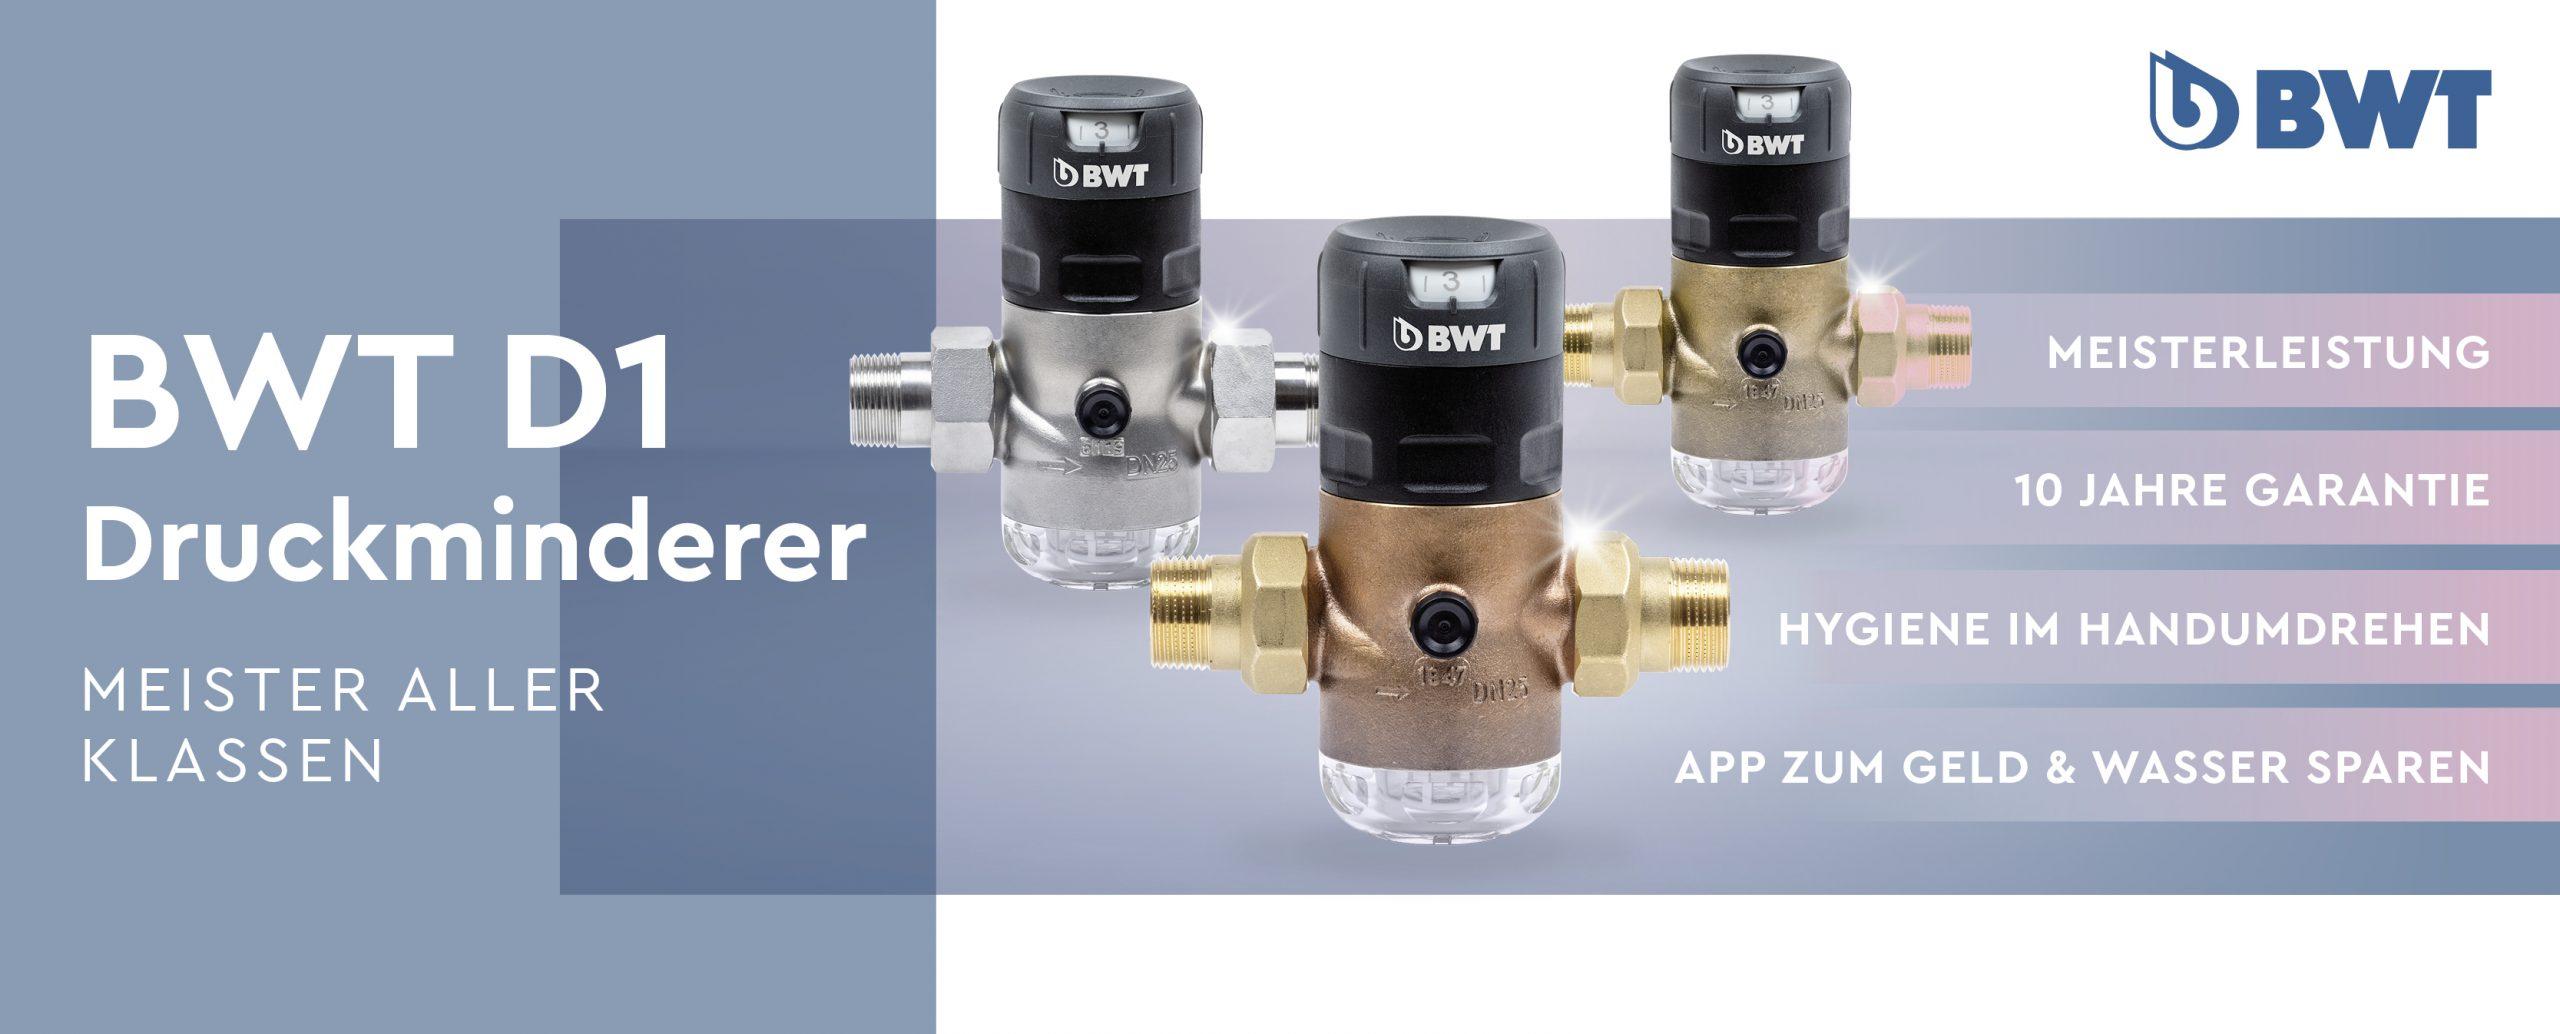 0209 Installationstechnik – Sicherheit und Hygiene in der Trinkwasser-Installation – eLearning